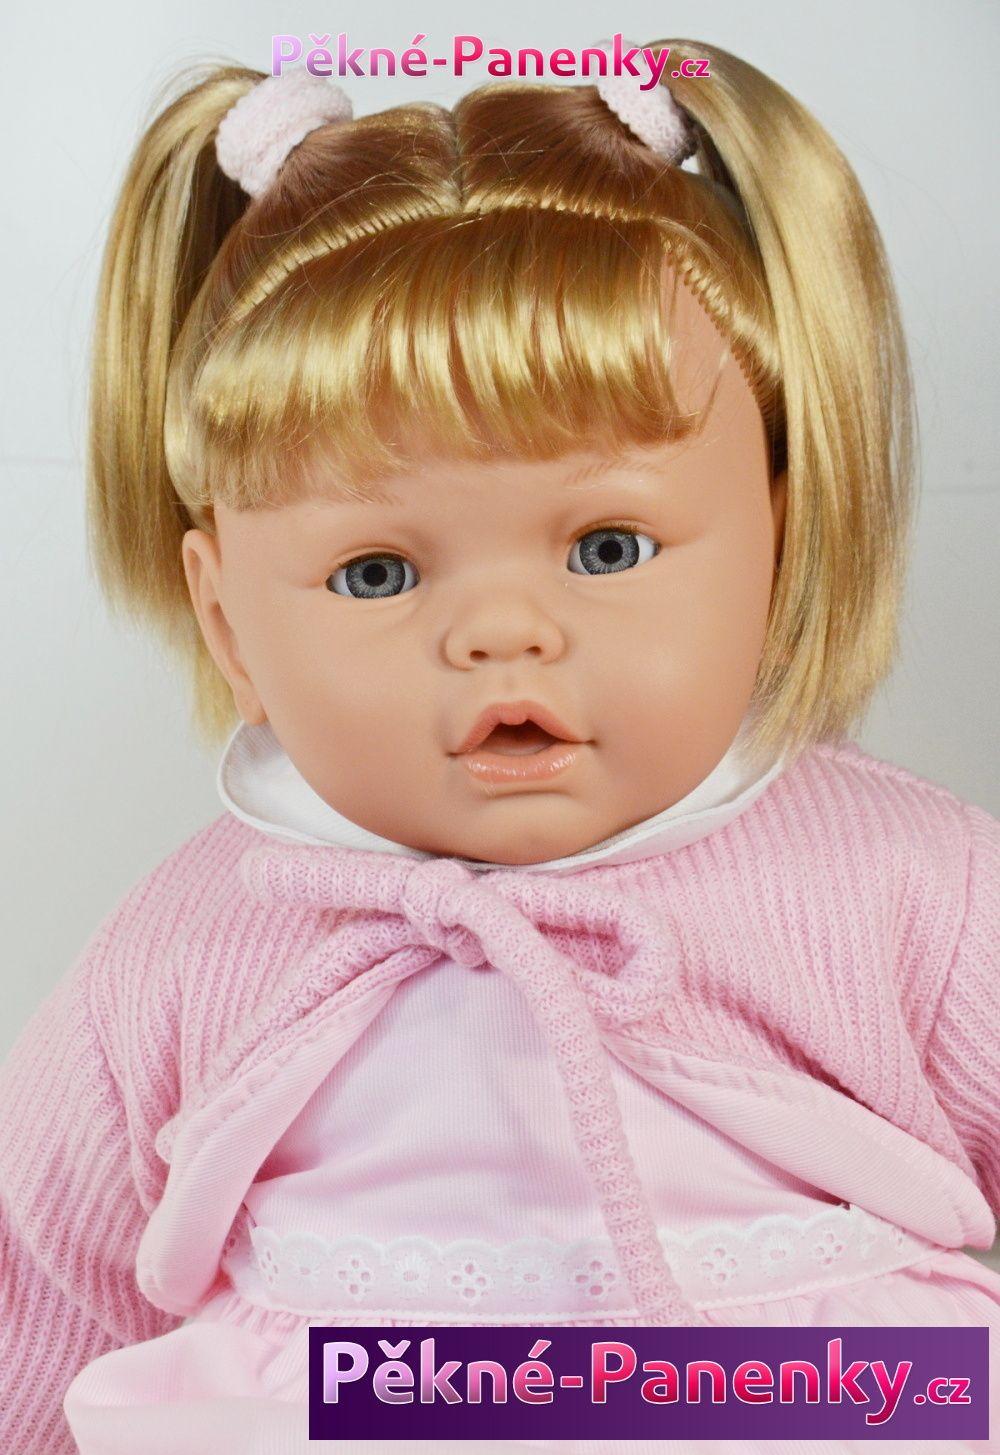 Arias velká mrkací a mluvící panenka, která vypadá jako živá, kvalitní španělská panenka